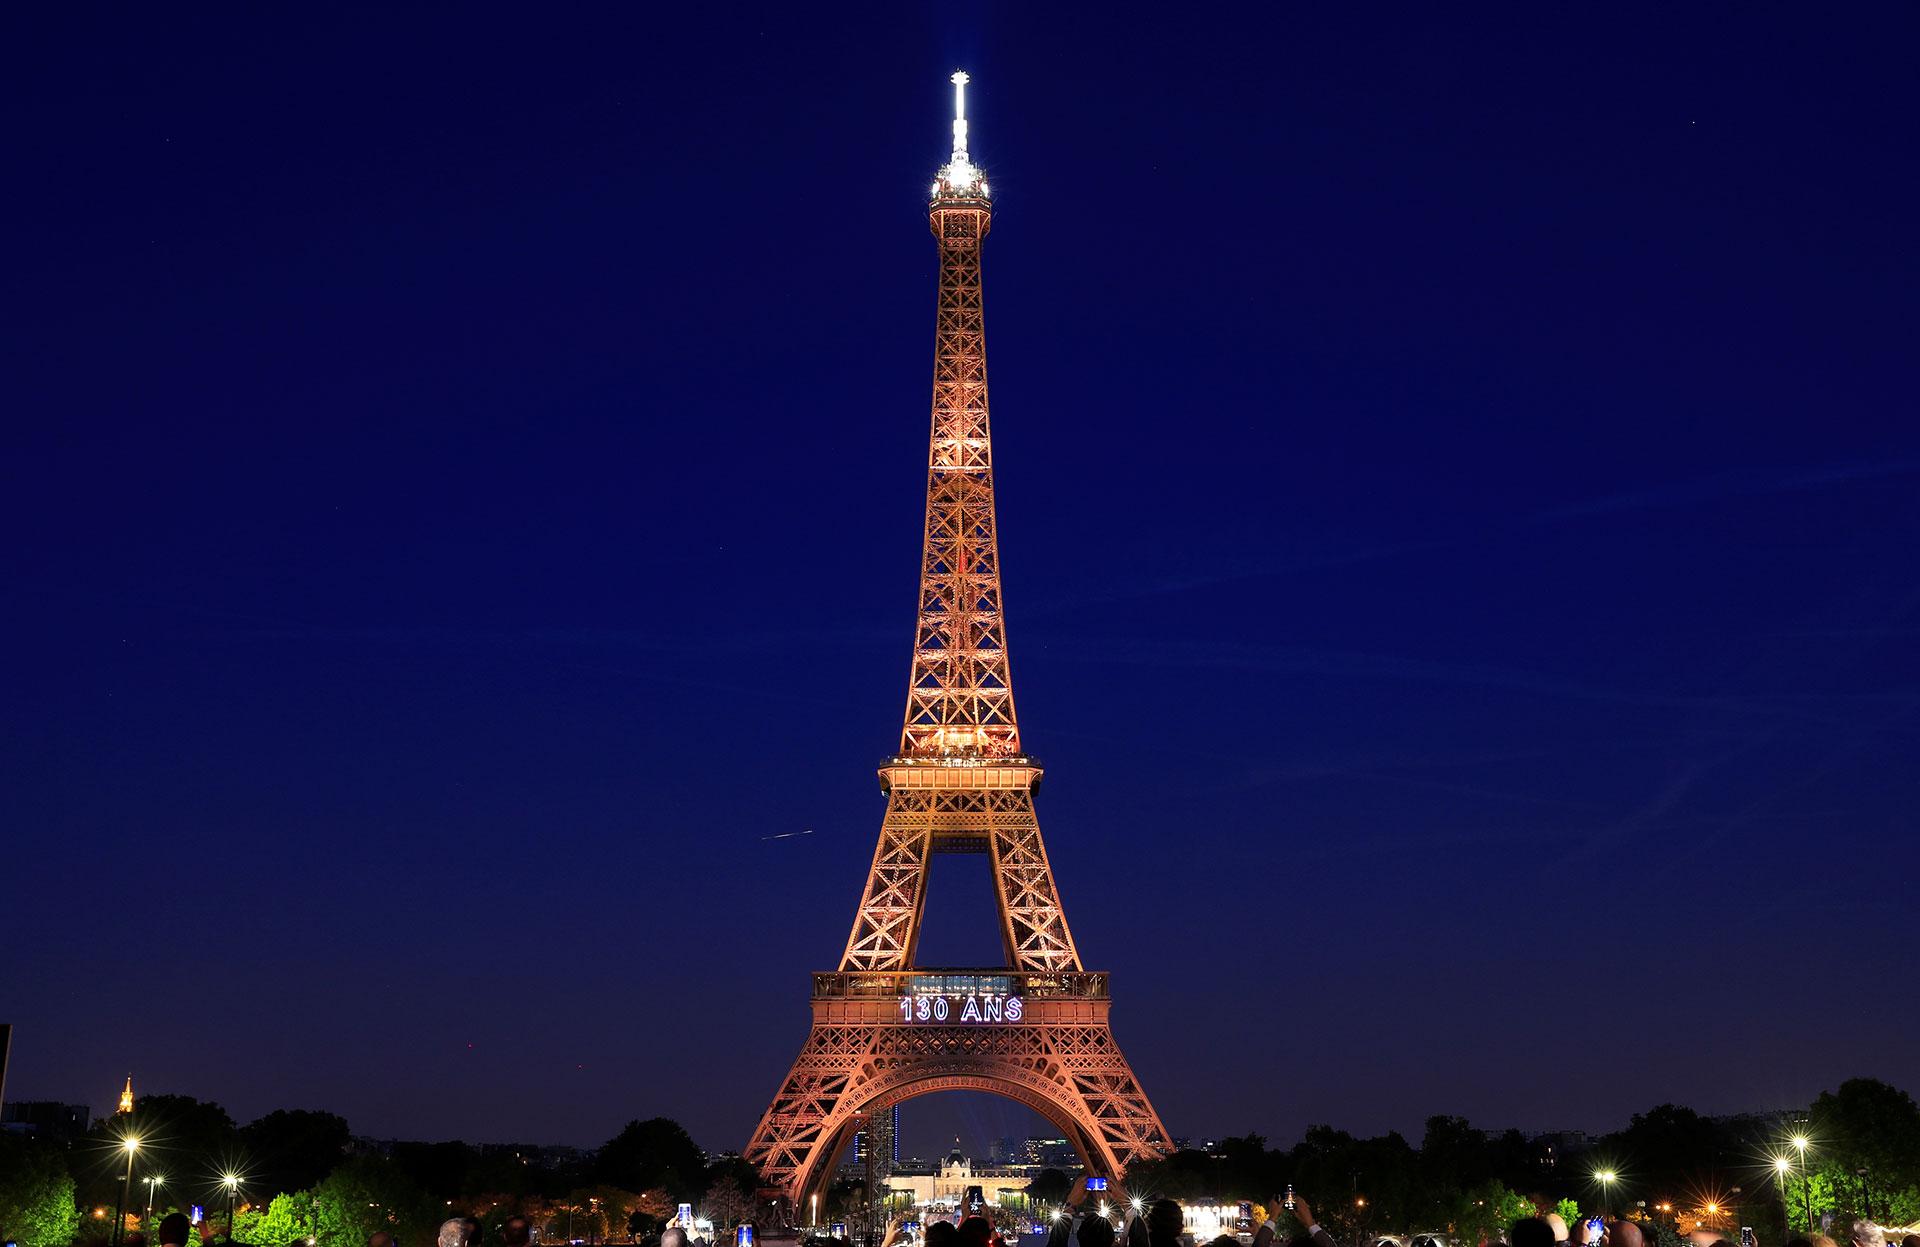 La construcción de la Torre Eiffel estalló una enorme polémica en su época